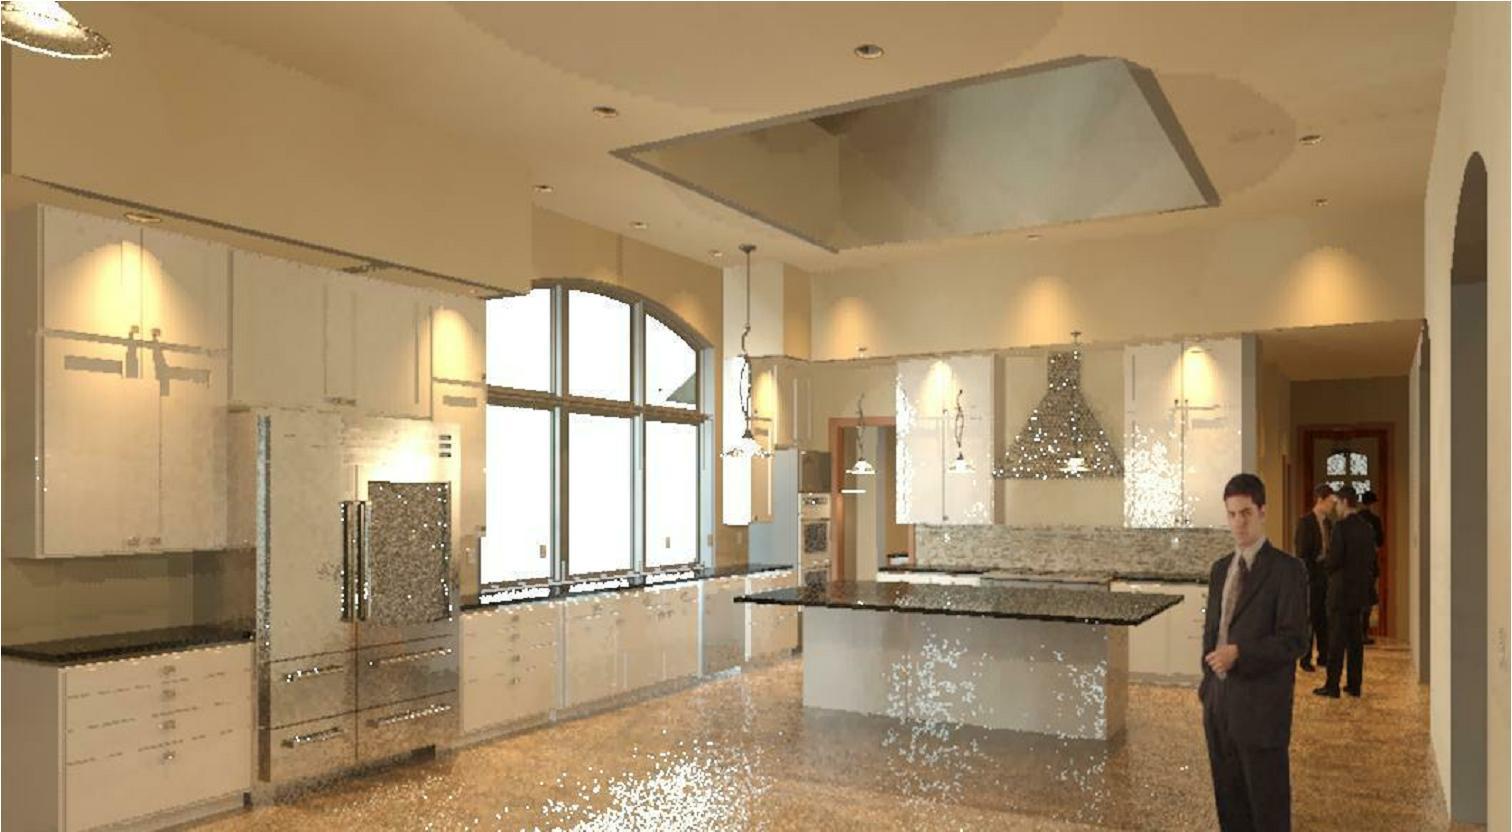 LG Kitchen.jpg